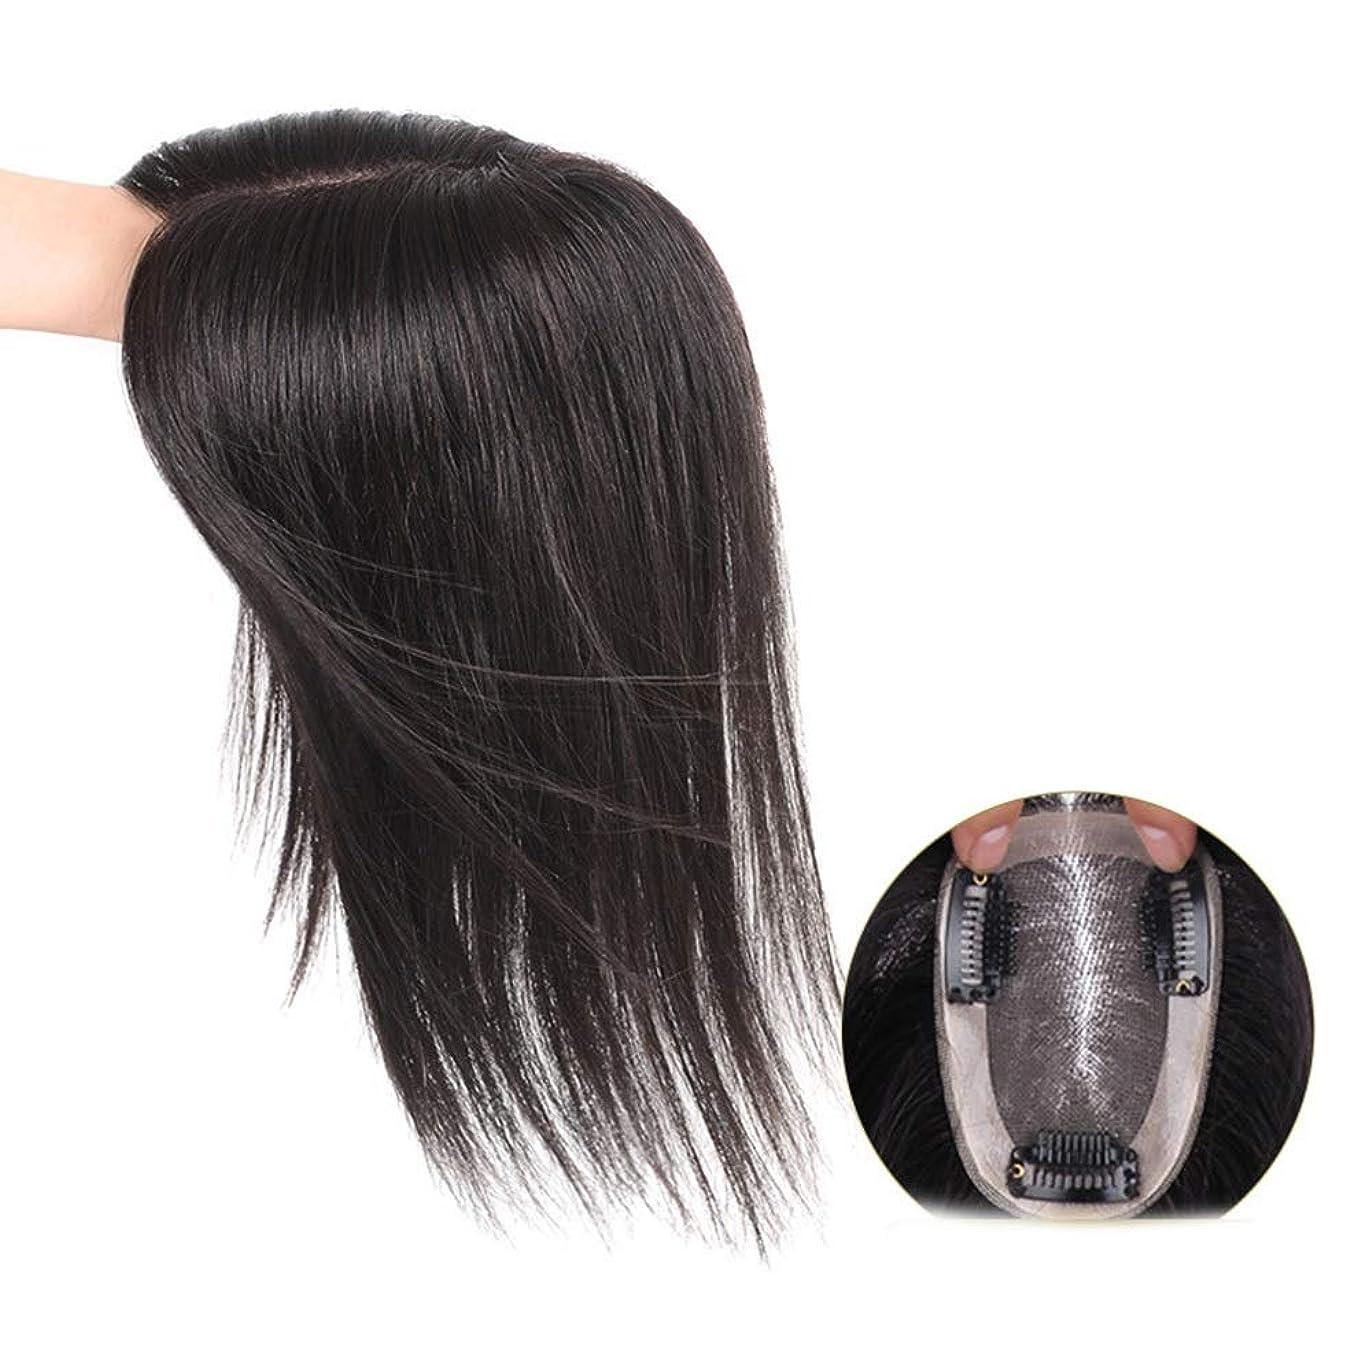 感嘆小数いつでもYESONEEP 女性のためのリアルヘアクリップヘアエクステンションふわふわウィッグ作品ロングストレートヘア通気性ナチュラルパーティーウィッグ (Color : [7x10] 35cm dark brown)